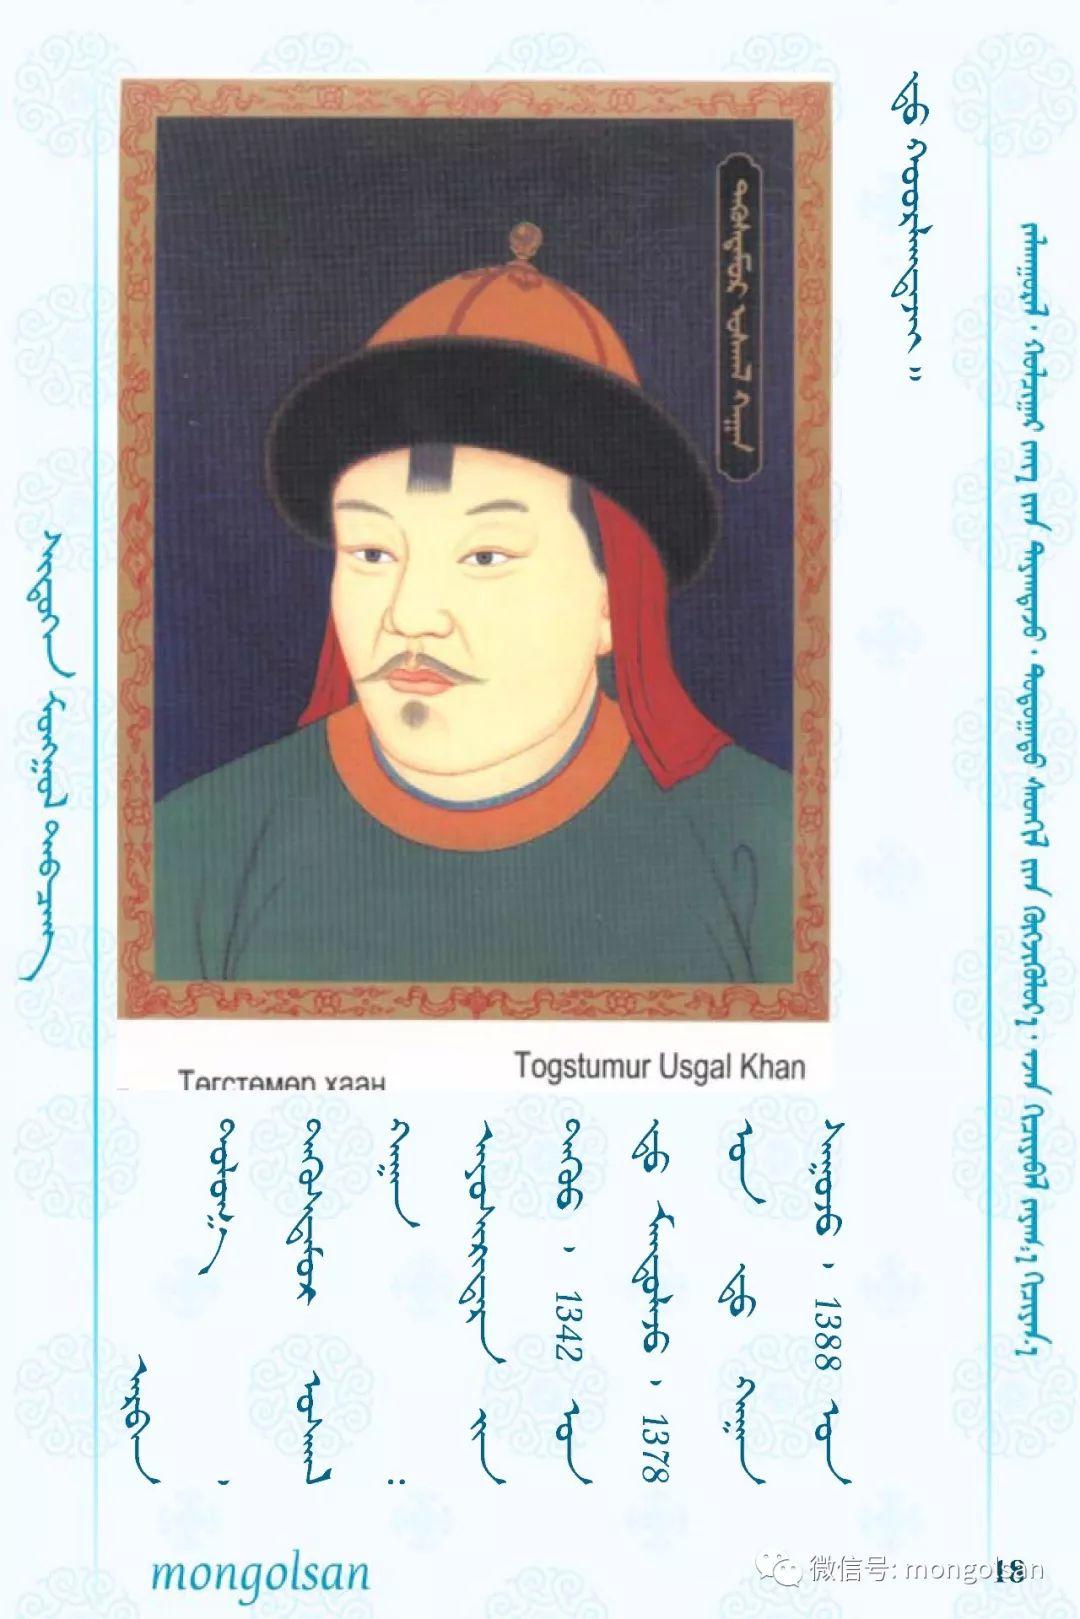 【关注】蒙古皇帝列表 第18张